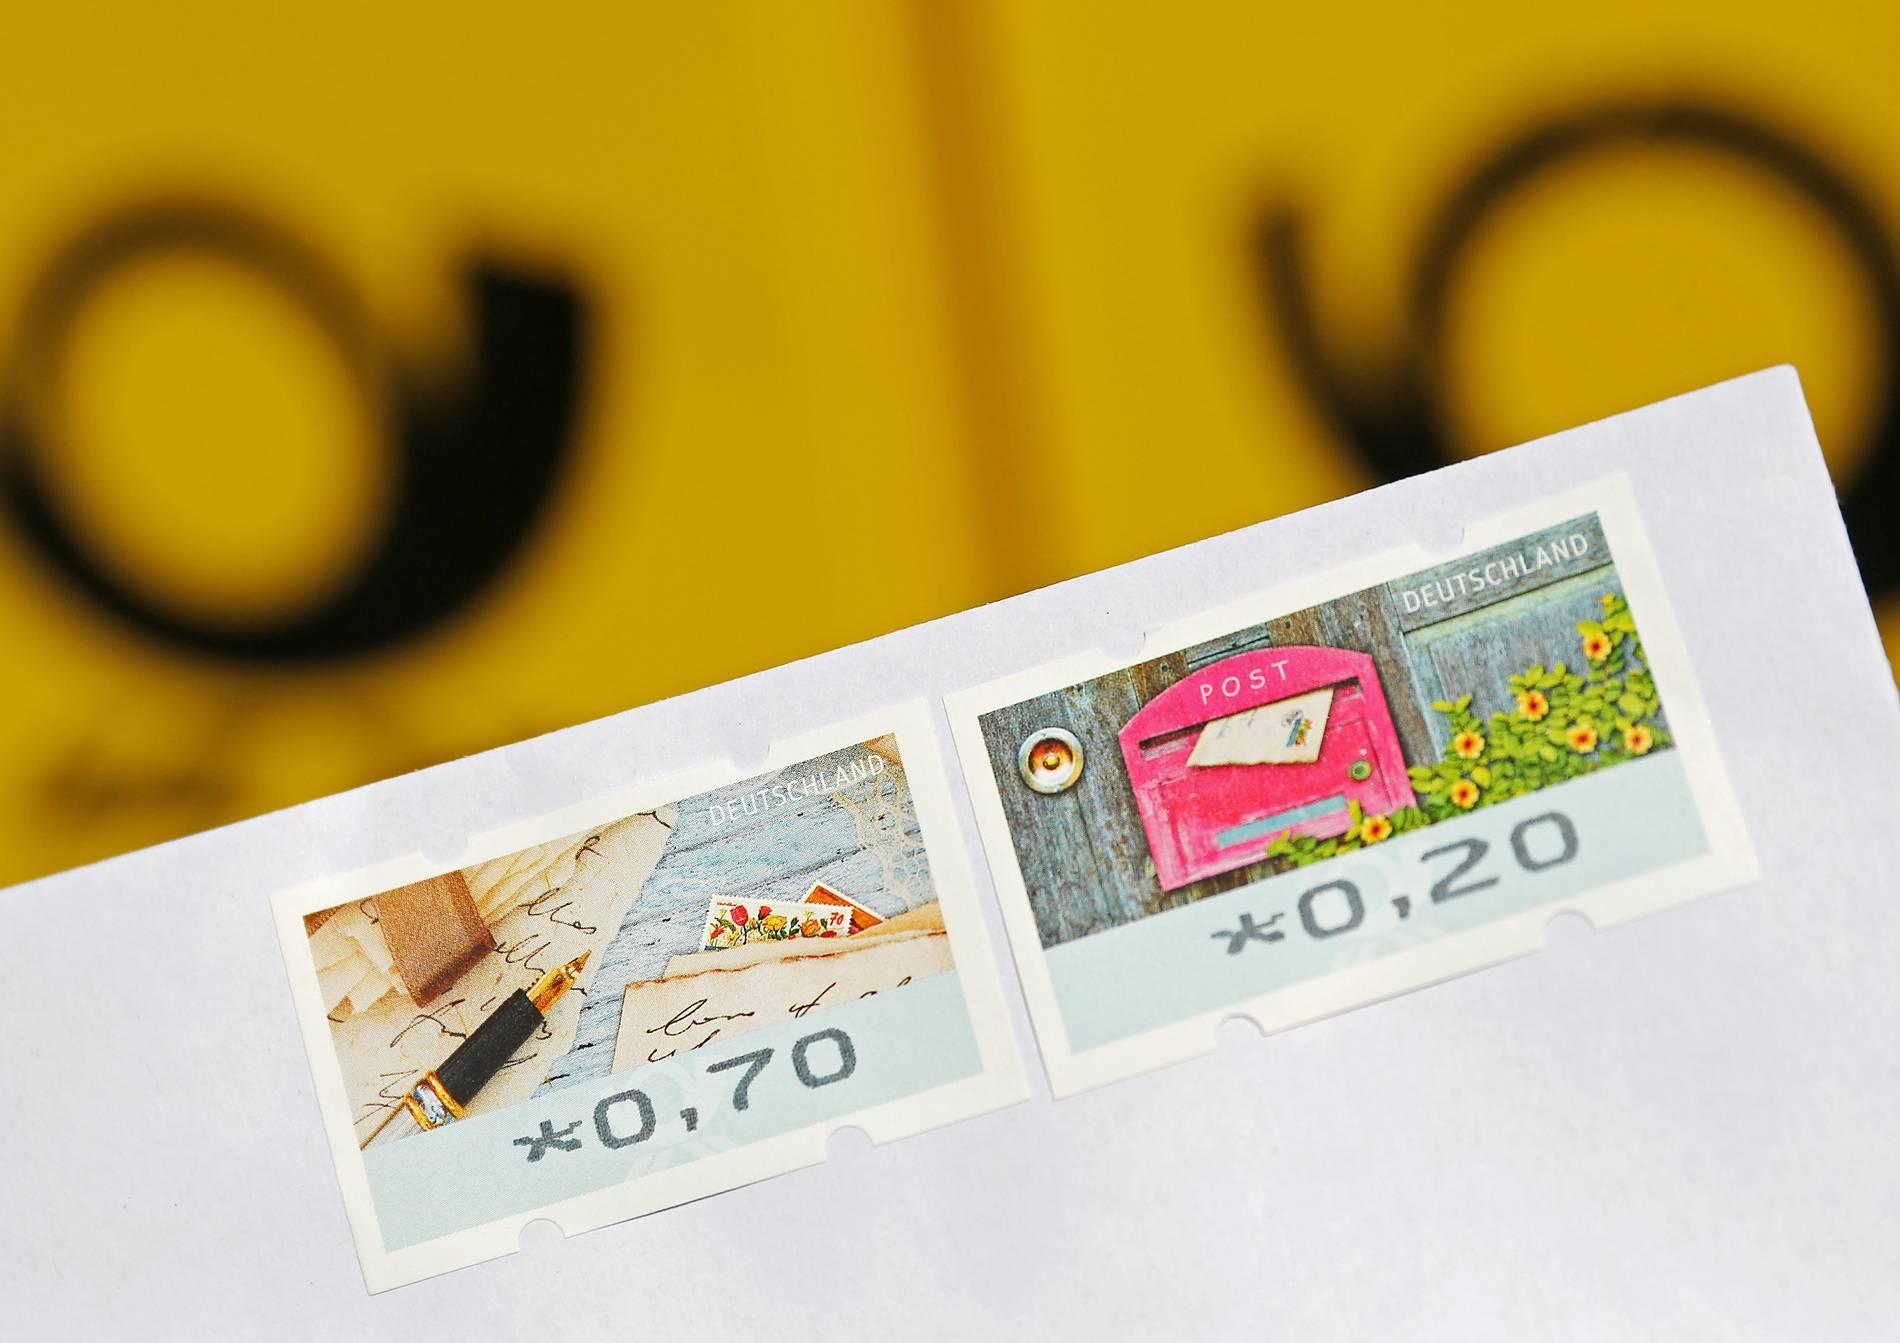 Linke Wirft Deutscher Post Beim Briefporto Preistreiberei Vor